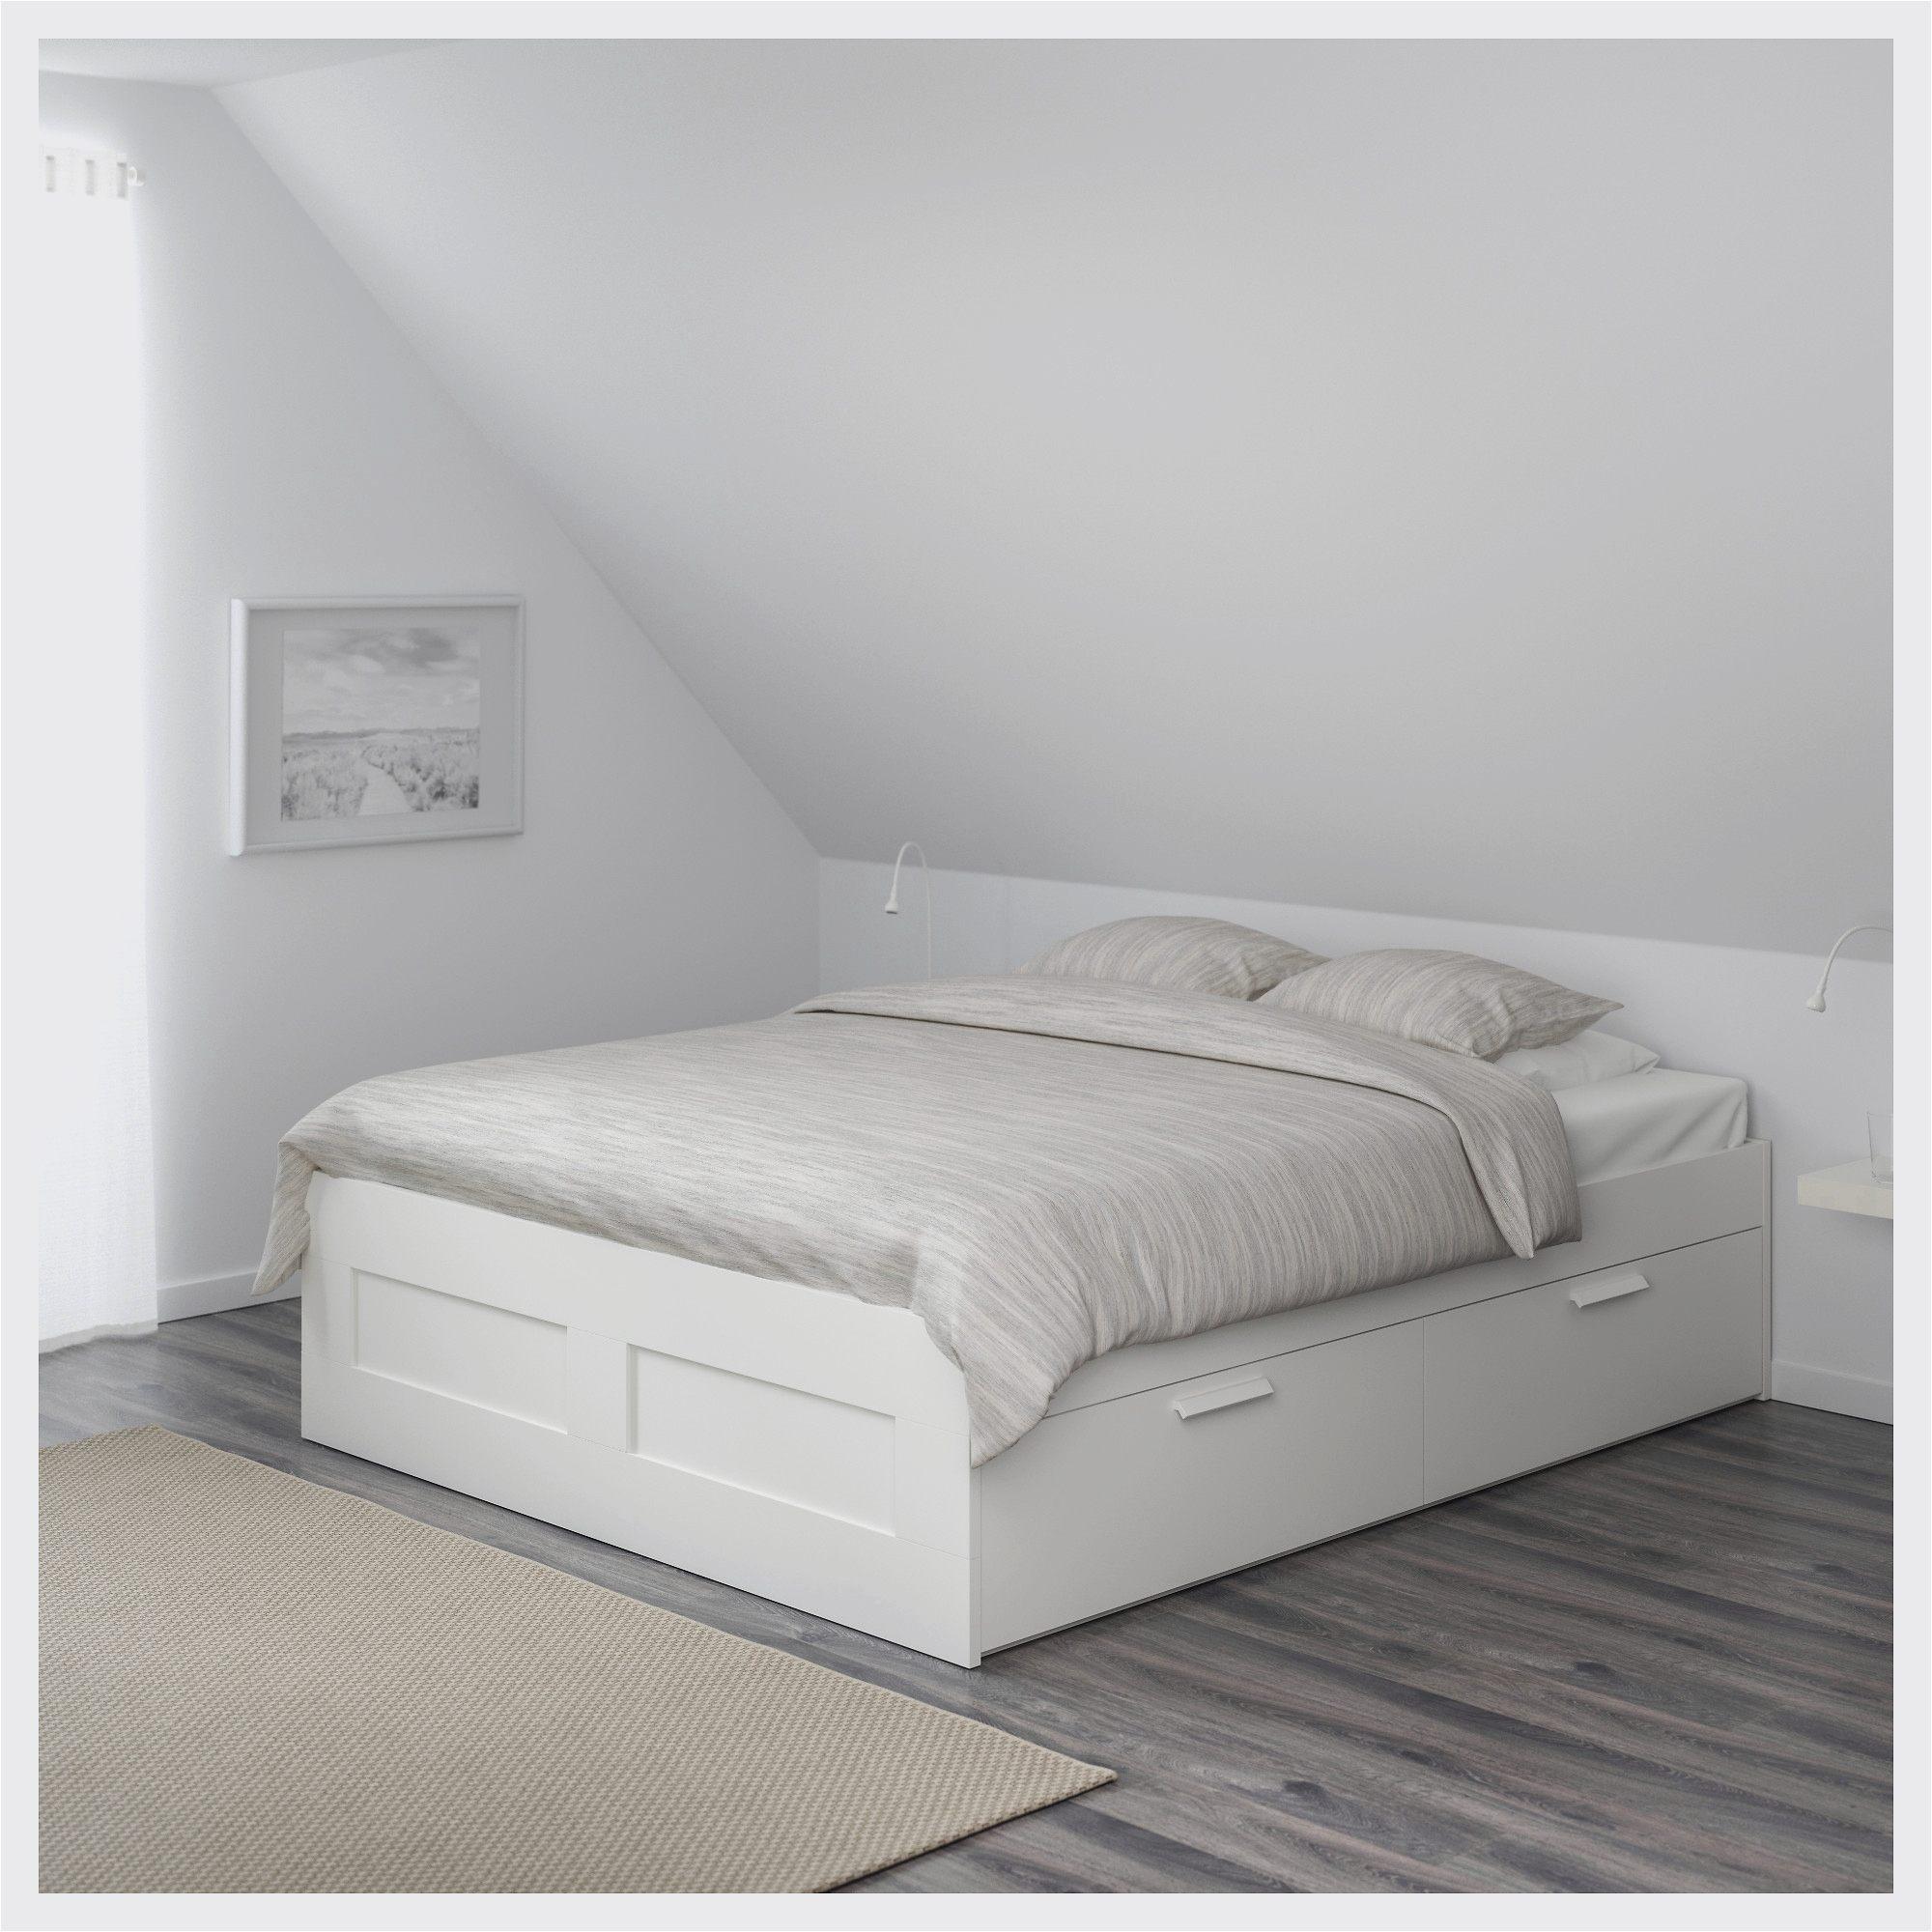 Dimension Couette Pour Lit 160×200 Impressionnant Couette Pour Lit 160—200 Ikea Beau Parure De Lit King Size Stunning